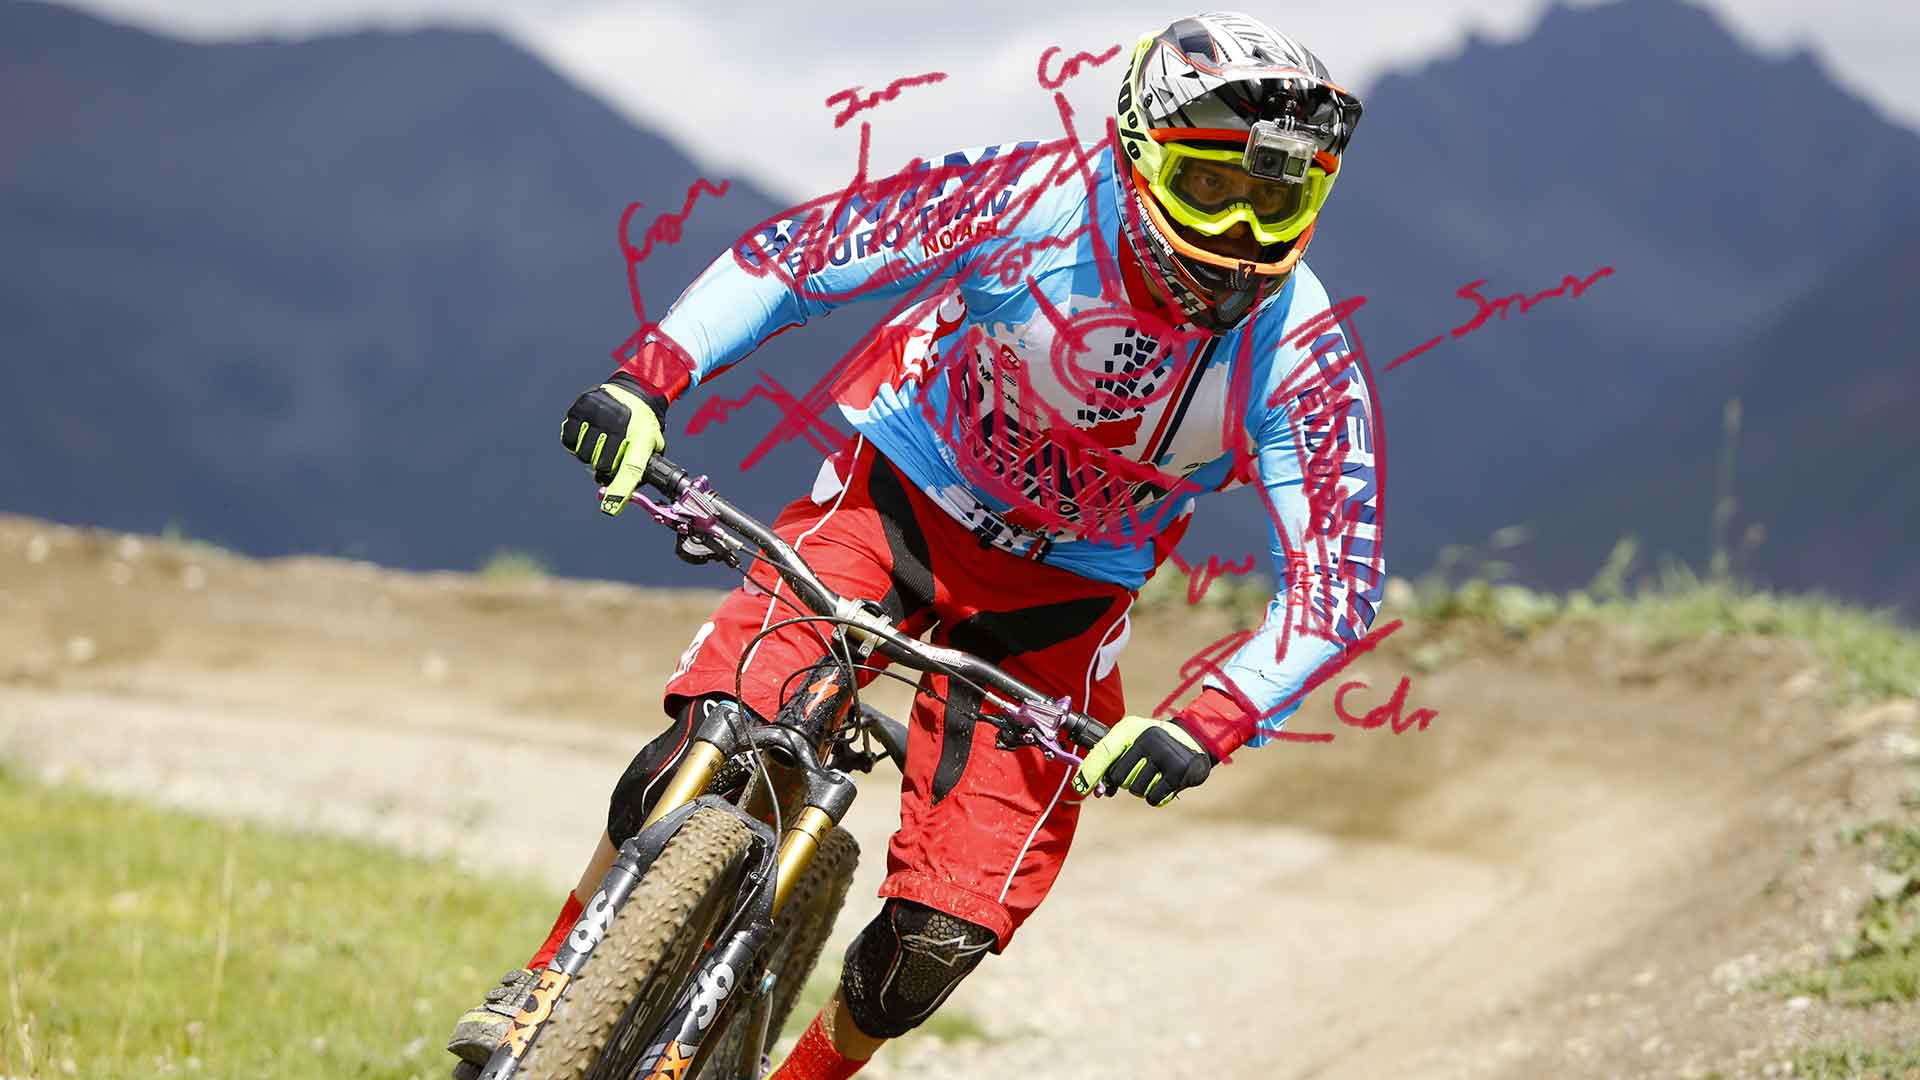 Marcello Bergamo custom mountain bike